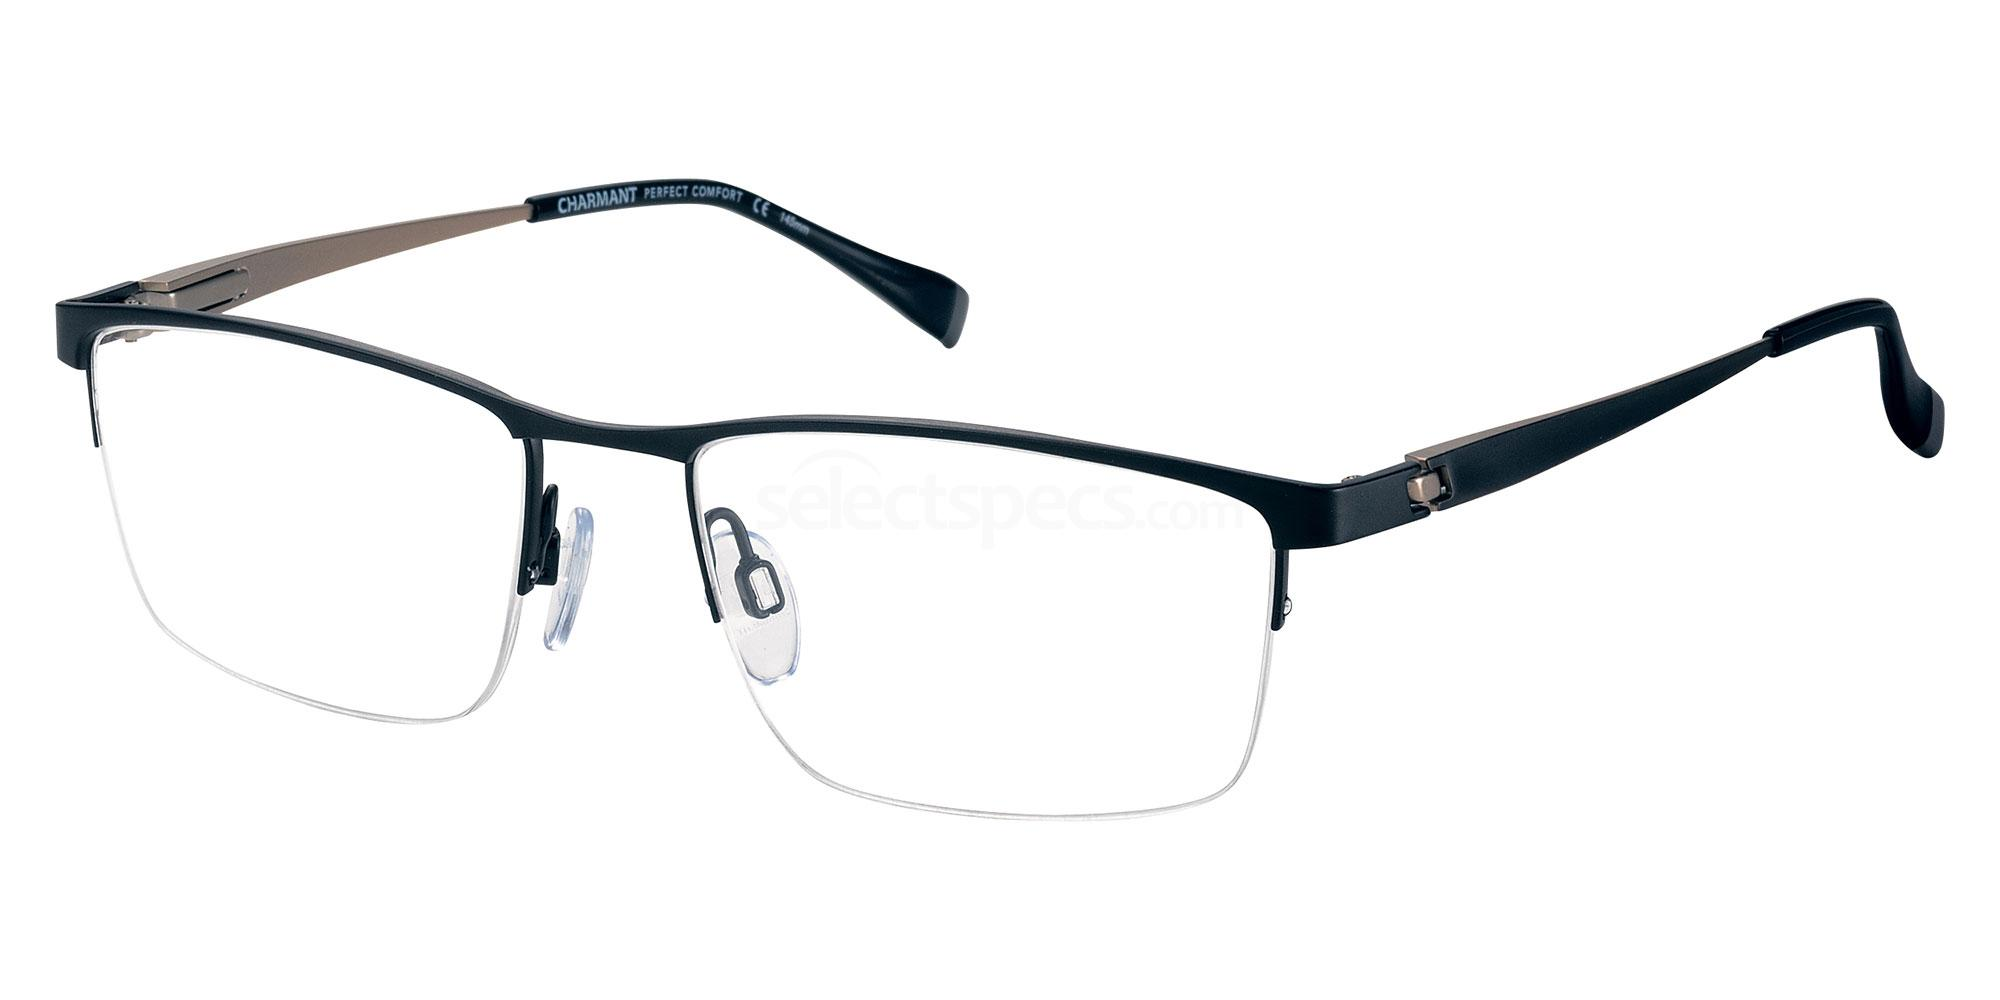 BK CH29500 Glasses, Charmant Perfect Comfort